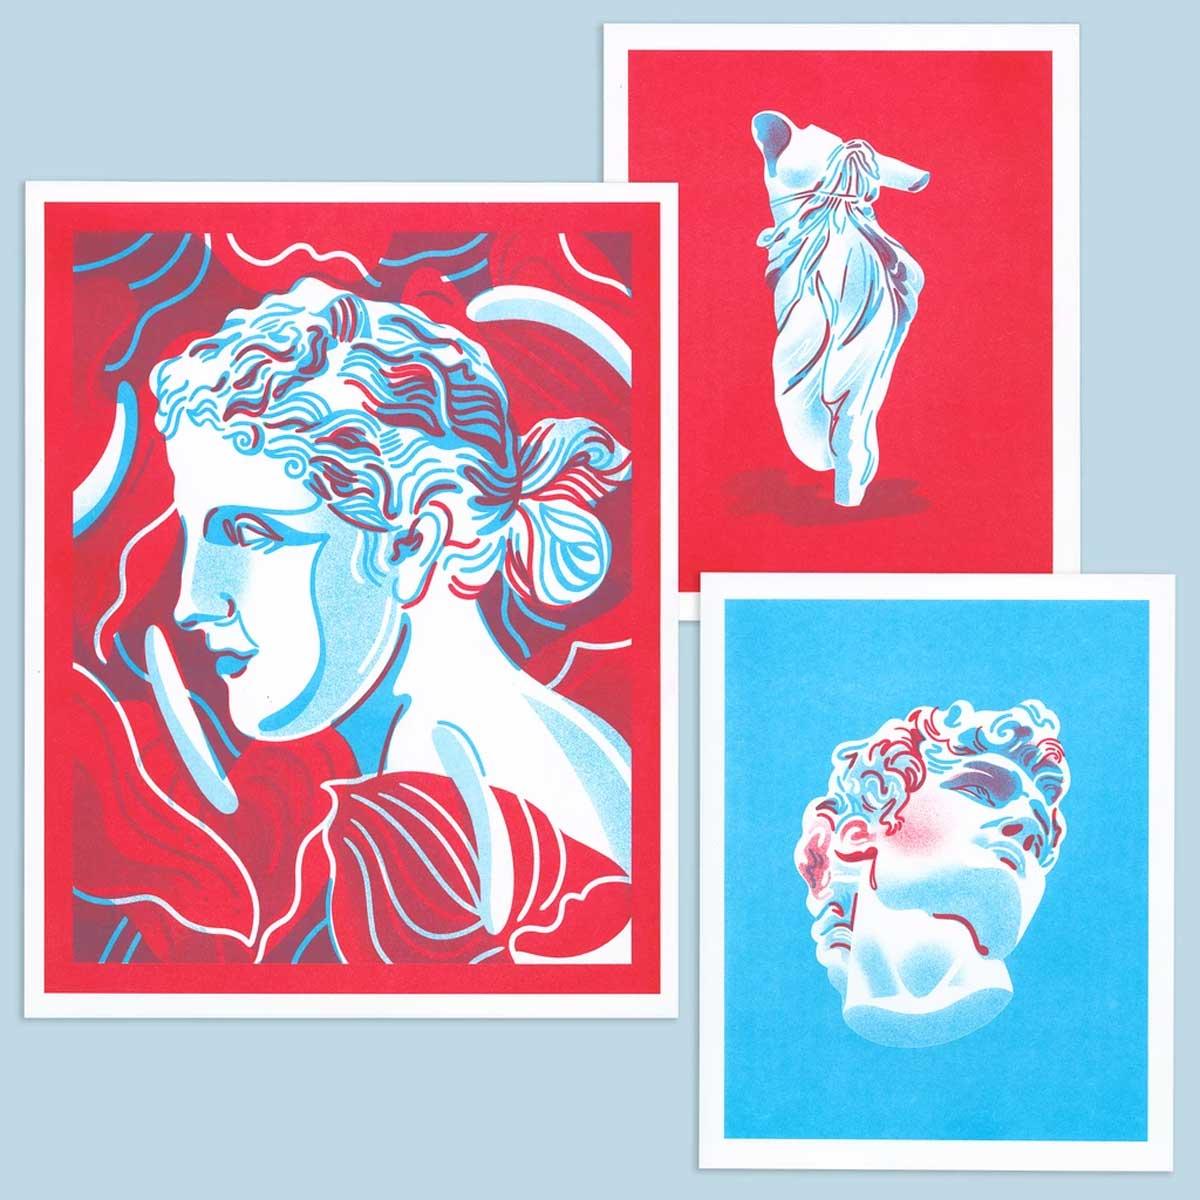 Ejemplo de impresión Riso también conocida como risografía.